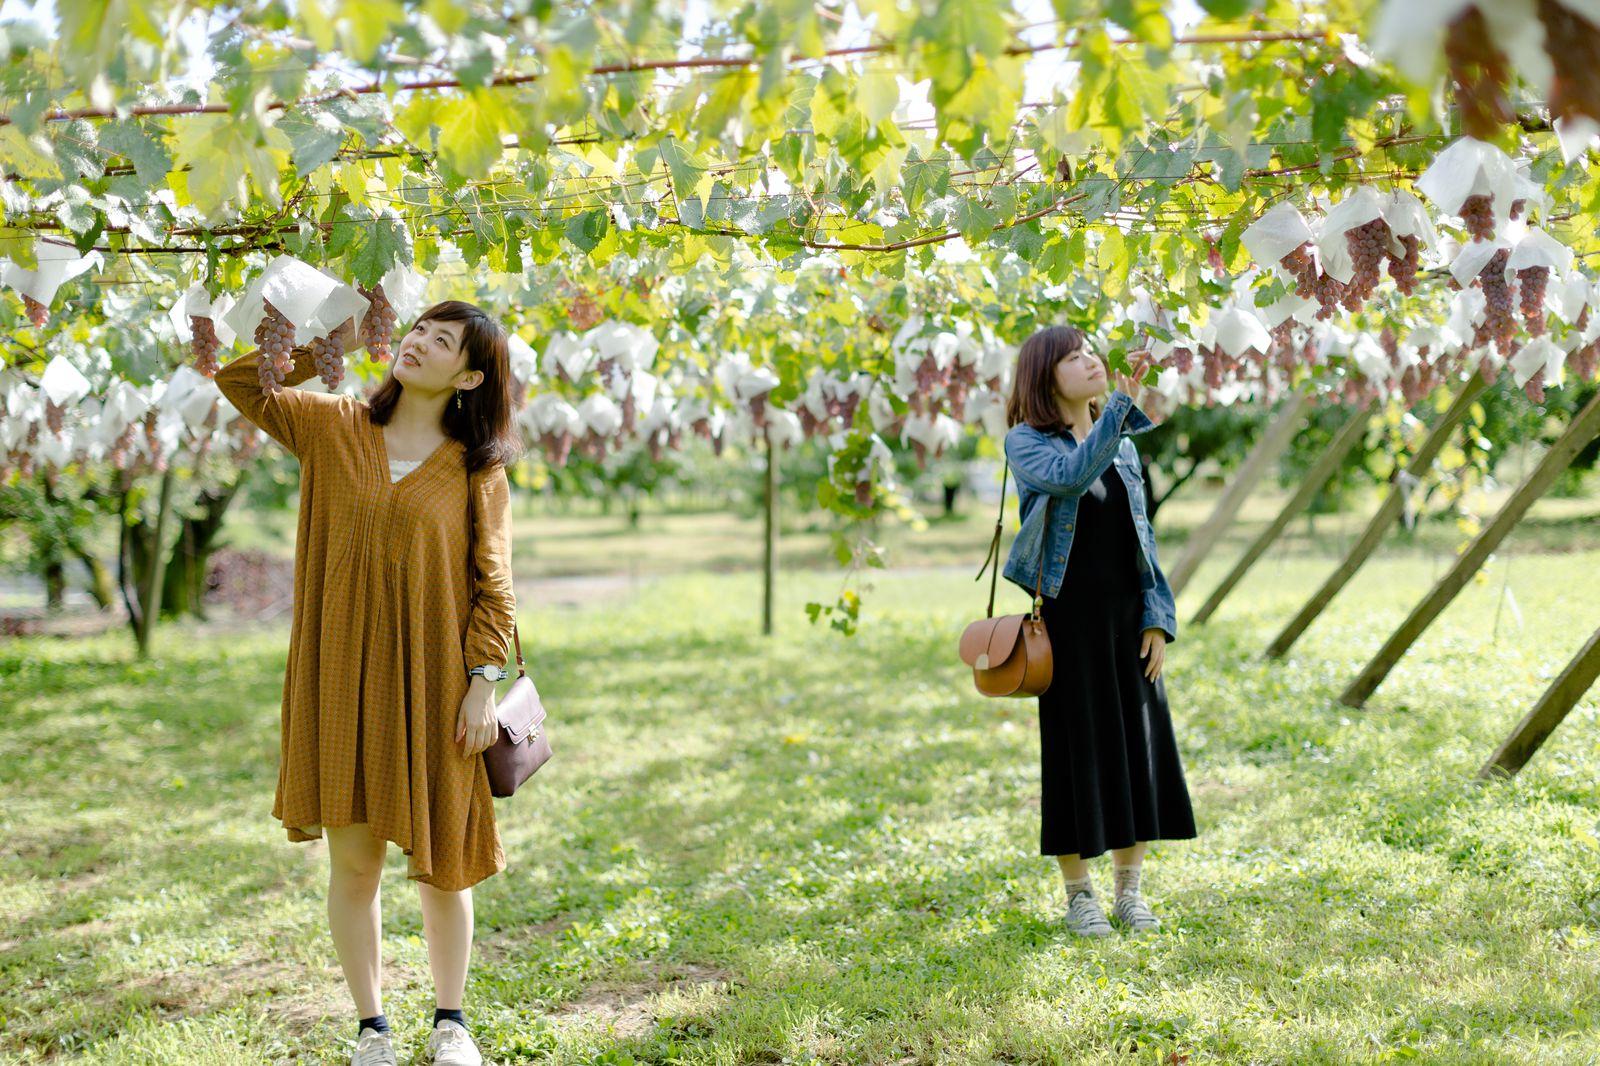 続けてご紹介するのは、JR中央本線・勝沼ぶどう郷駅からタクシーで約10分のところにある「白百合醸造(ロリアンワイン)」。今年開催された「日本ワインコンクール2016」で8種類ものワインが賞を獲得した国内でも有数のワイナリーの一つです。